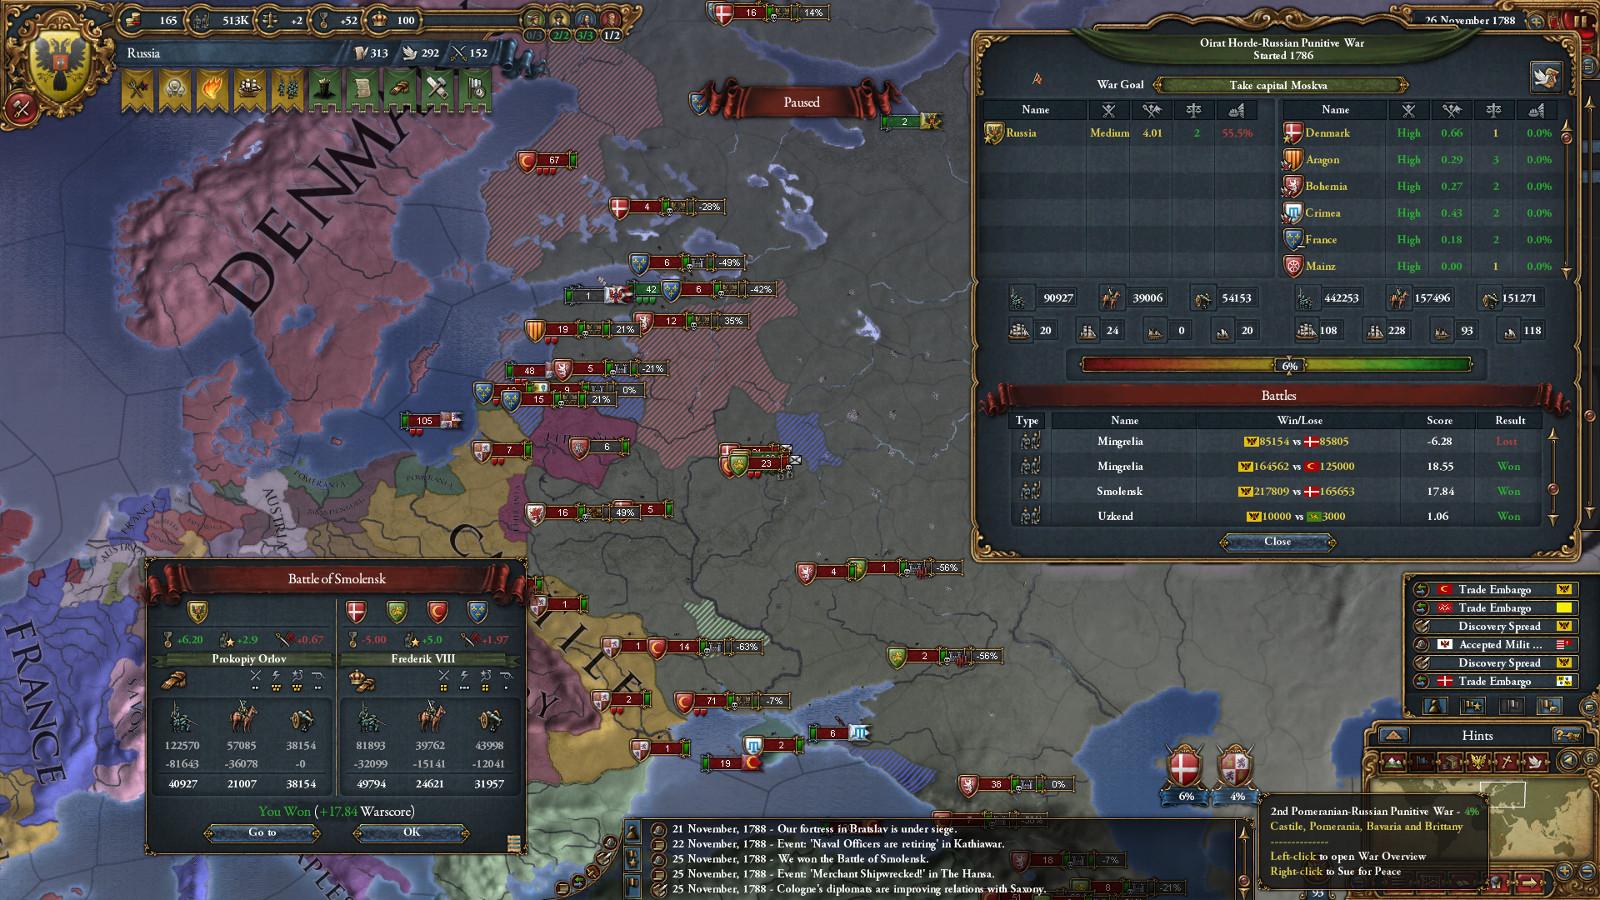 アイデア Eu4 各国戦略/アイデア戦略